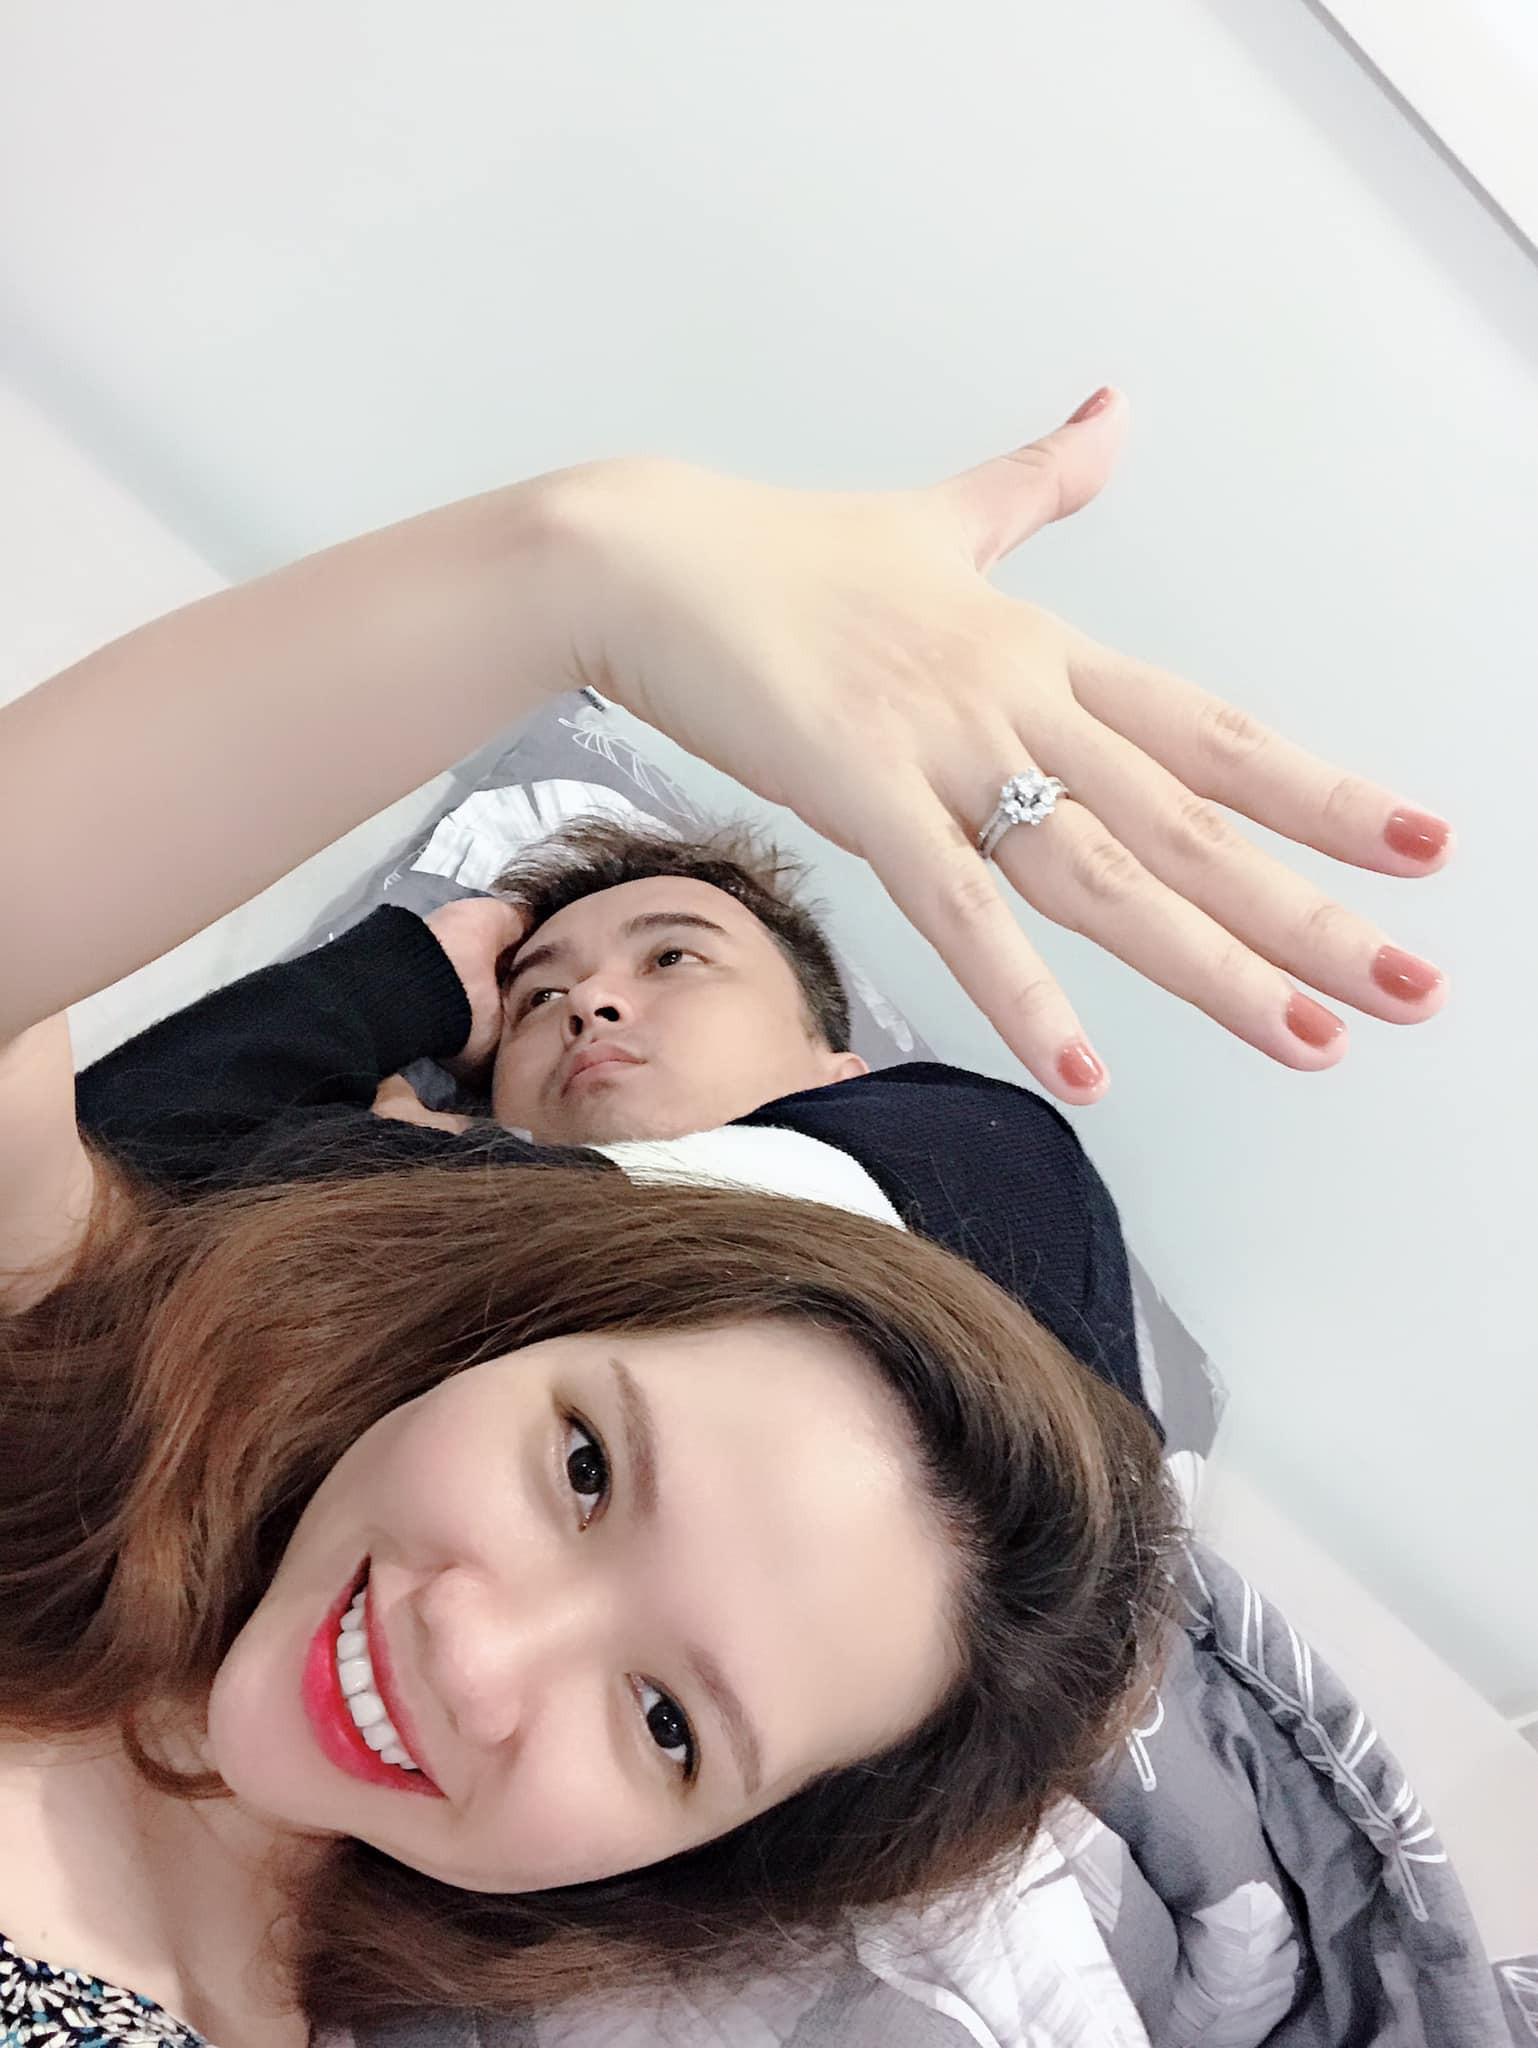 """Đông Nhi được cầu hôn bằng nhẫn kim cương, dân mạng """"đu trend"""" học ngay dáng pose khoe nhẫn theo cách lầy lội - Ảnh 4."""